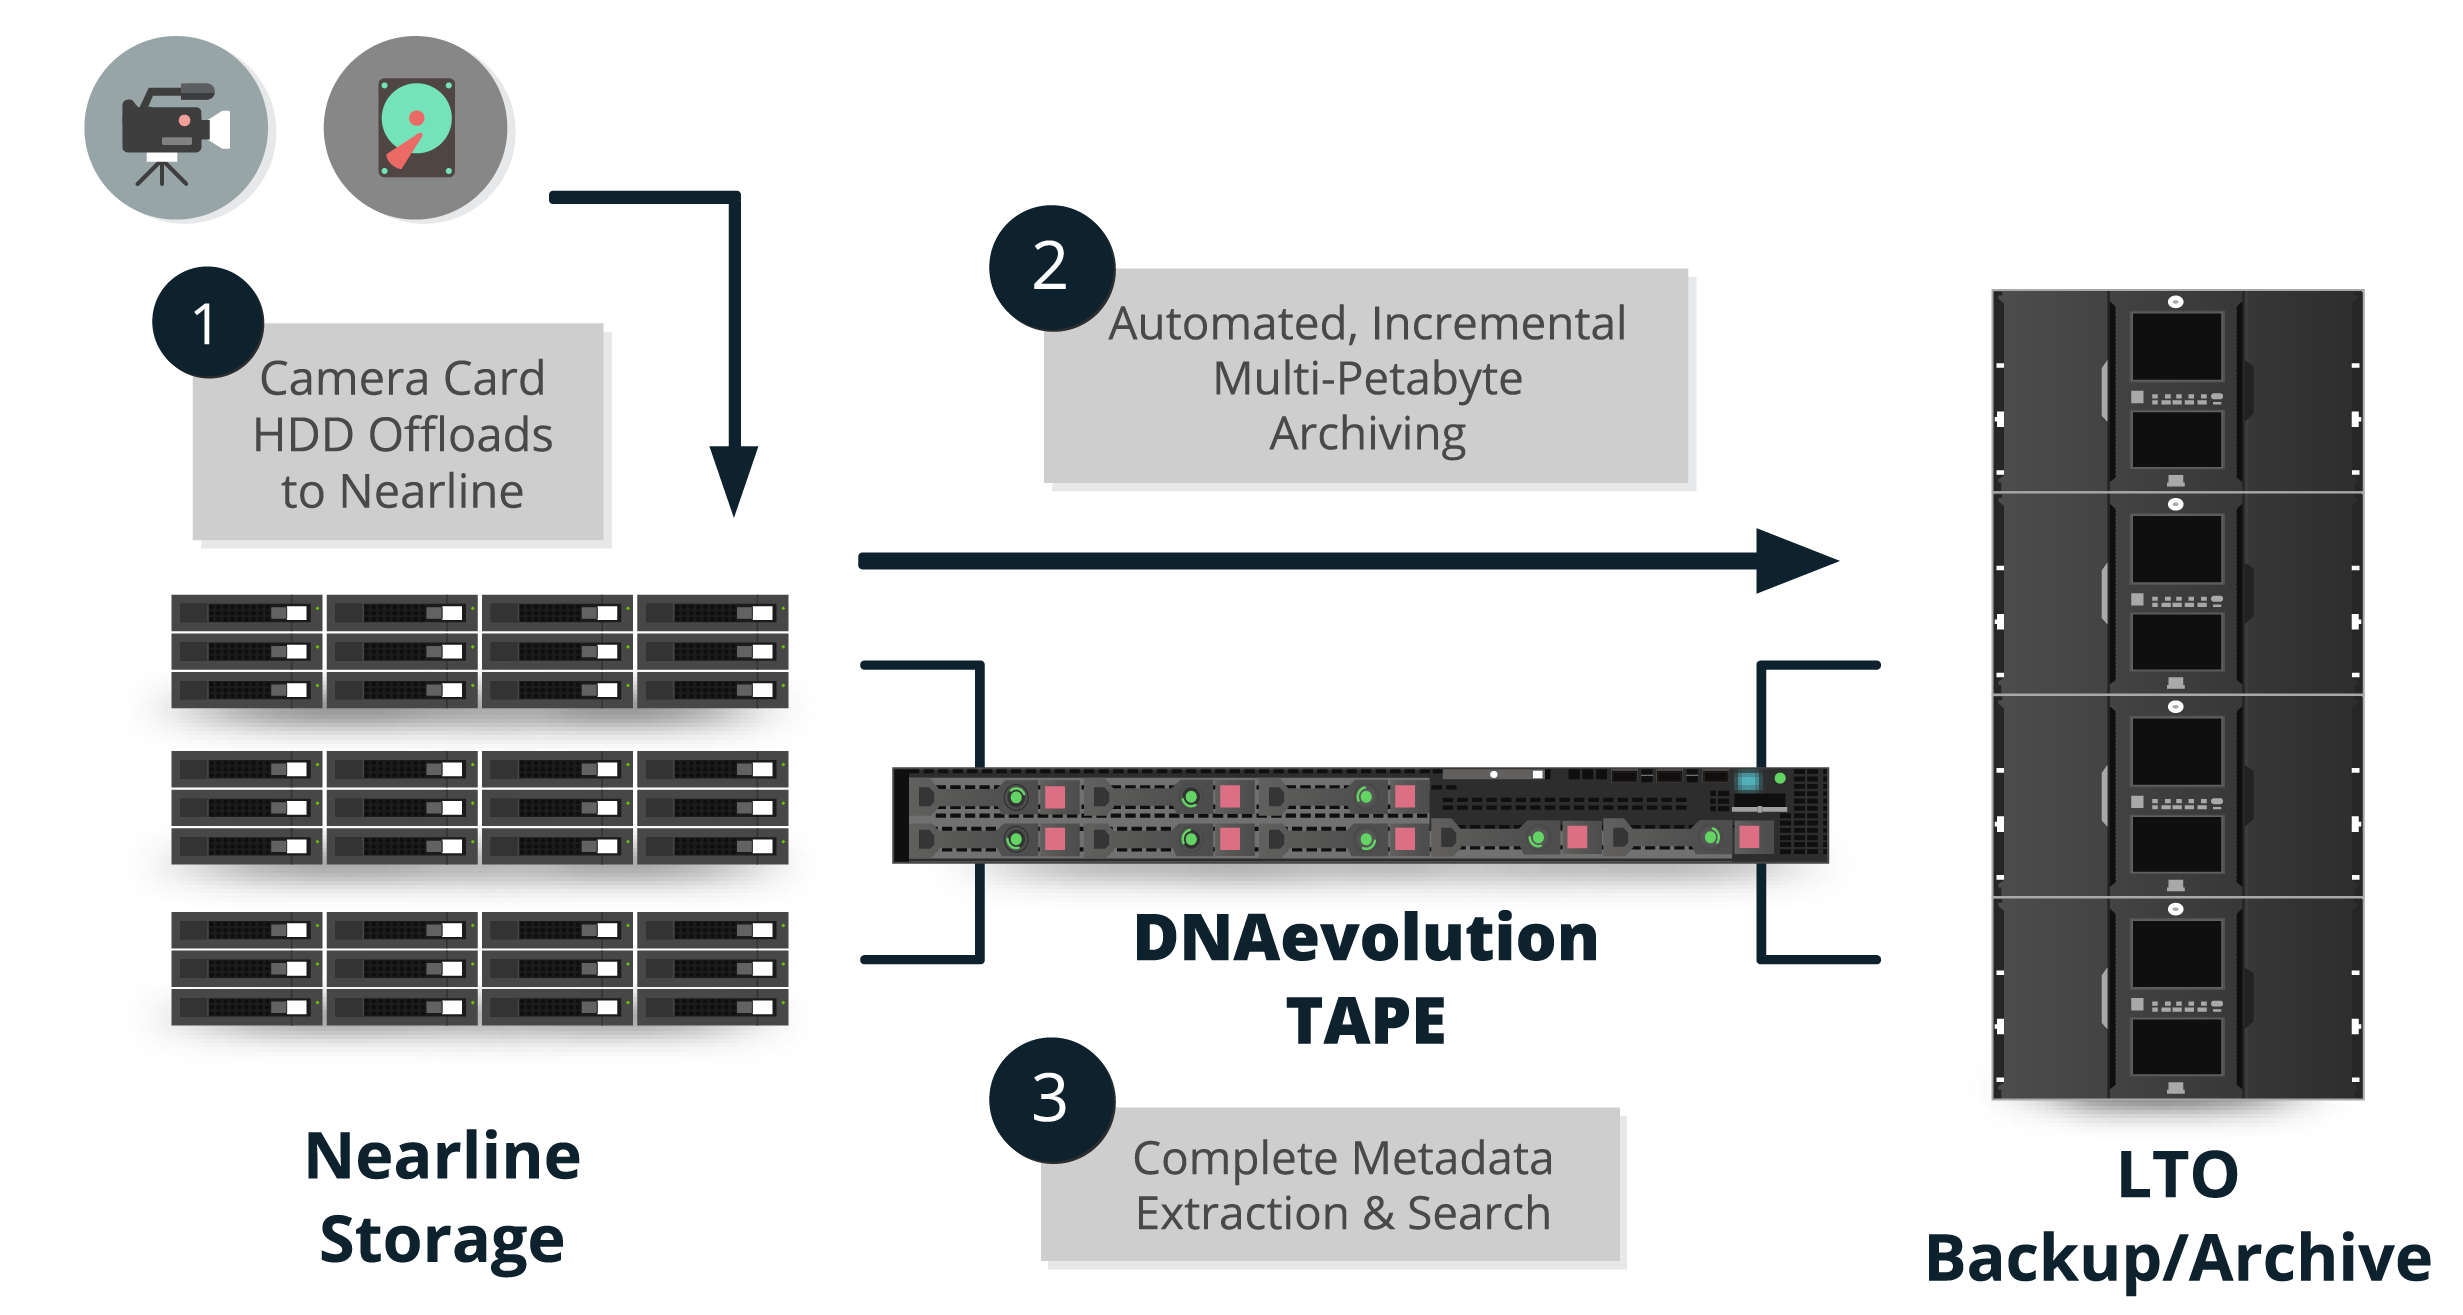 StorageDNA_DNAevolution Large Scale Backup & Archive